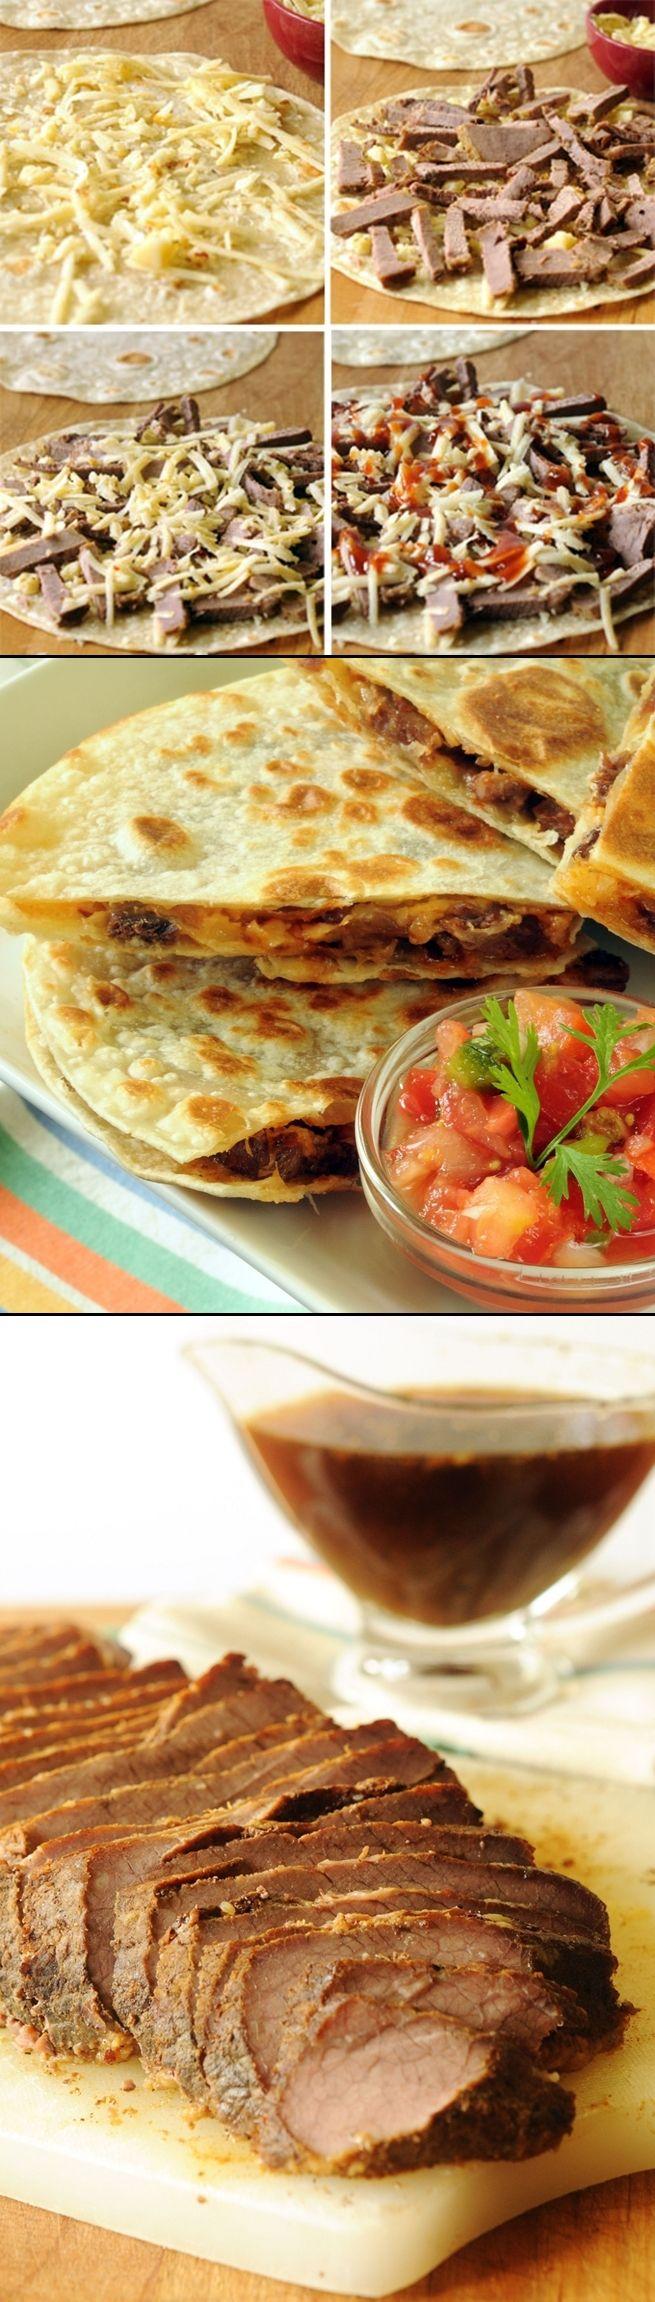 Brisket and Pepper Jack Quesadillas - Top 10 Food Recipes